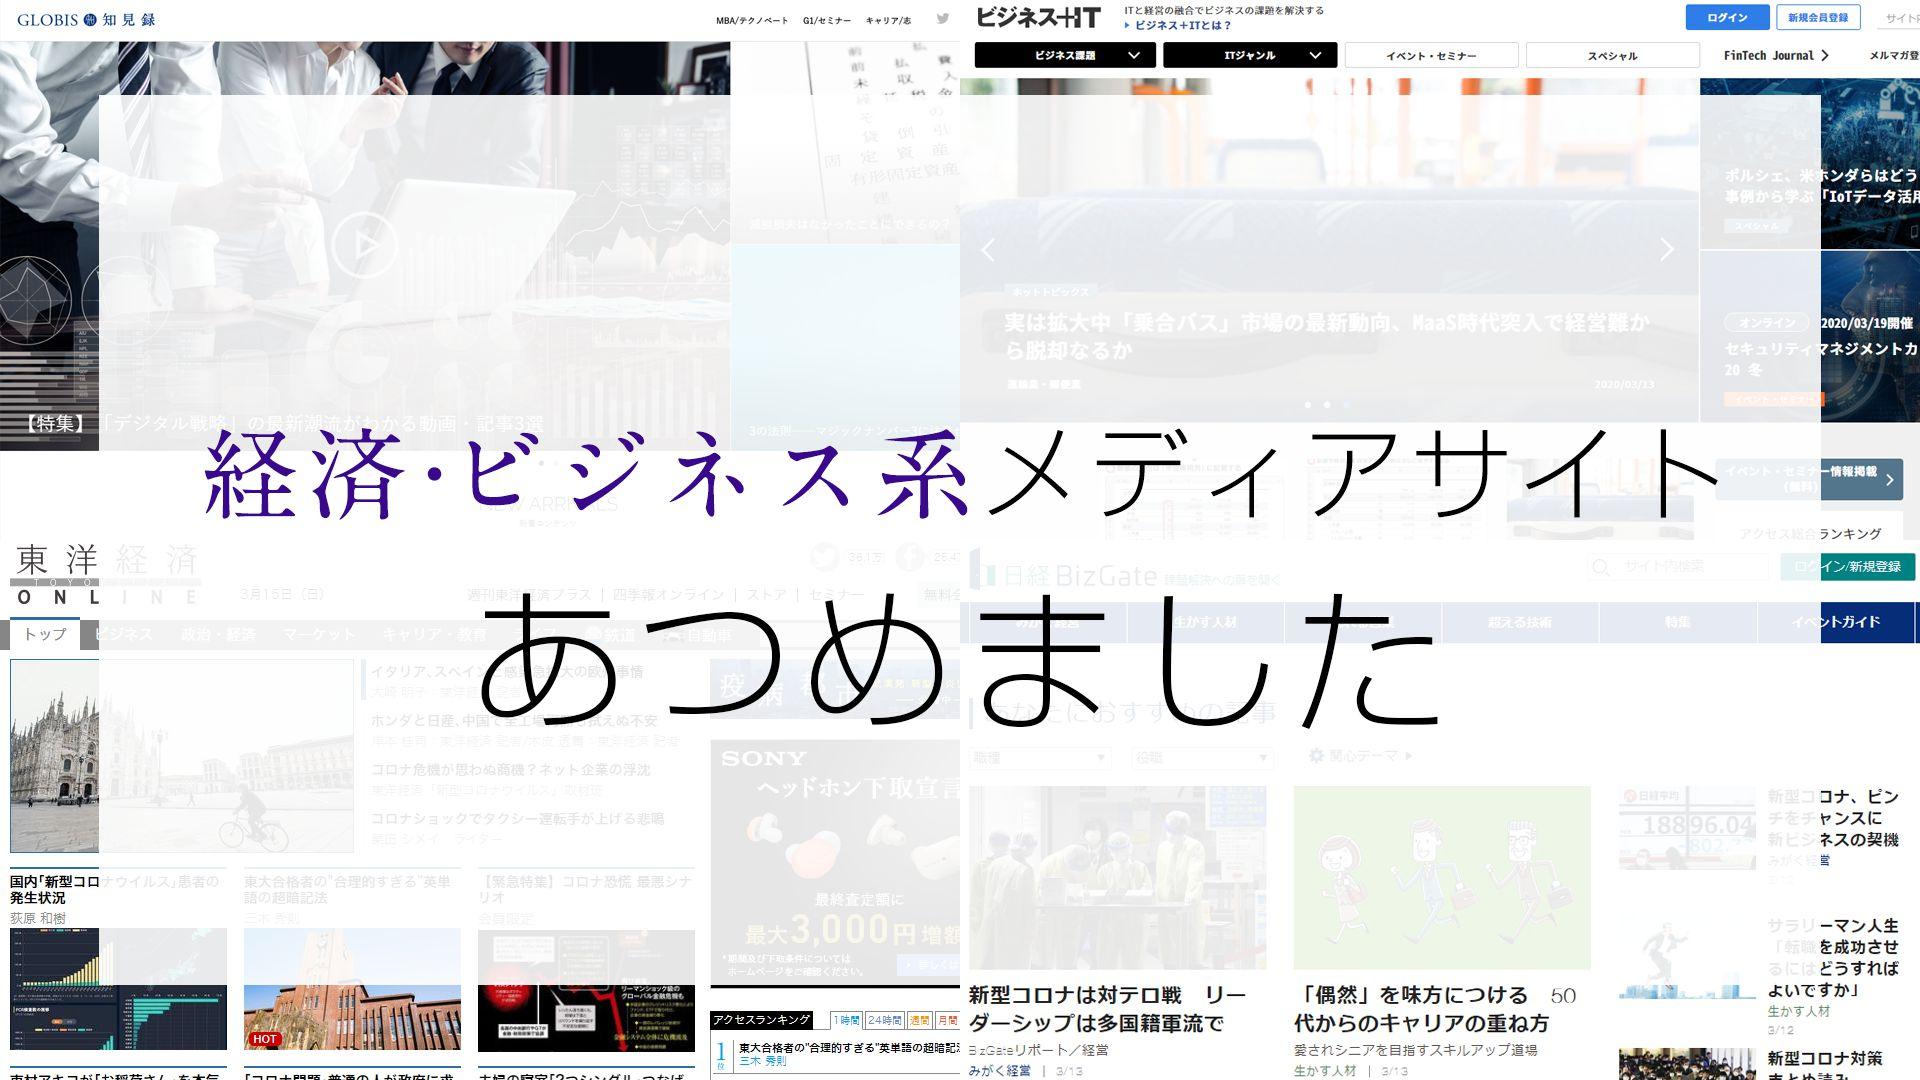 経済・ビジネス系のメディアサイト【リンク集|23選】